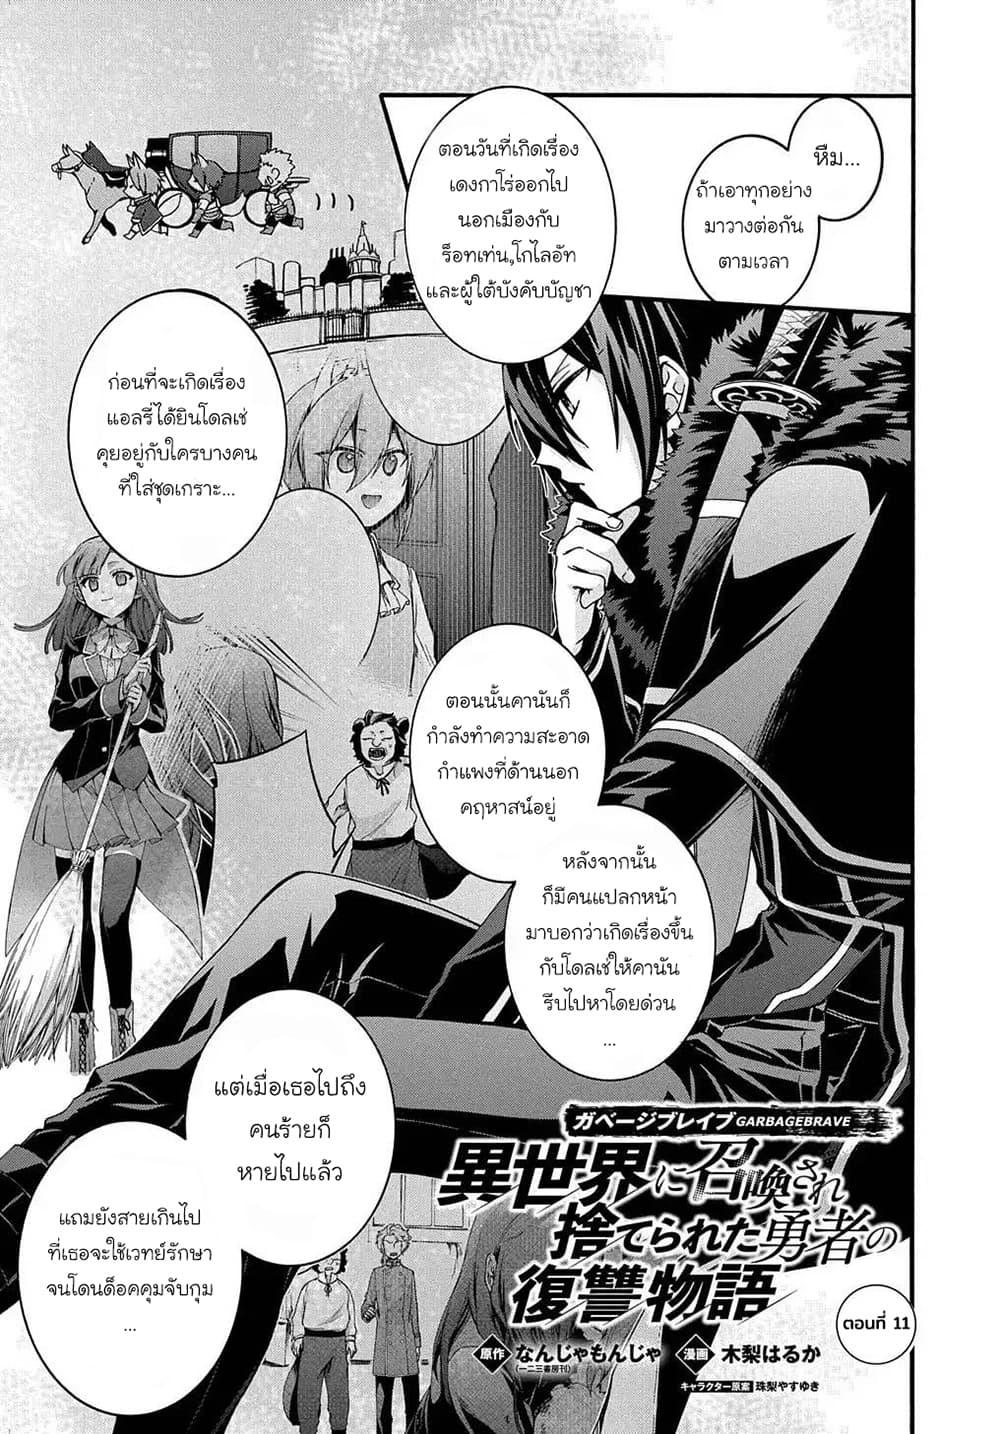 Garbage Brave Isekai ni Shoukan Sare Suterareta Yuusha no Fukushuu Monogatari ตอนที่ 11